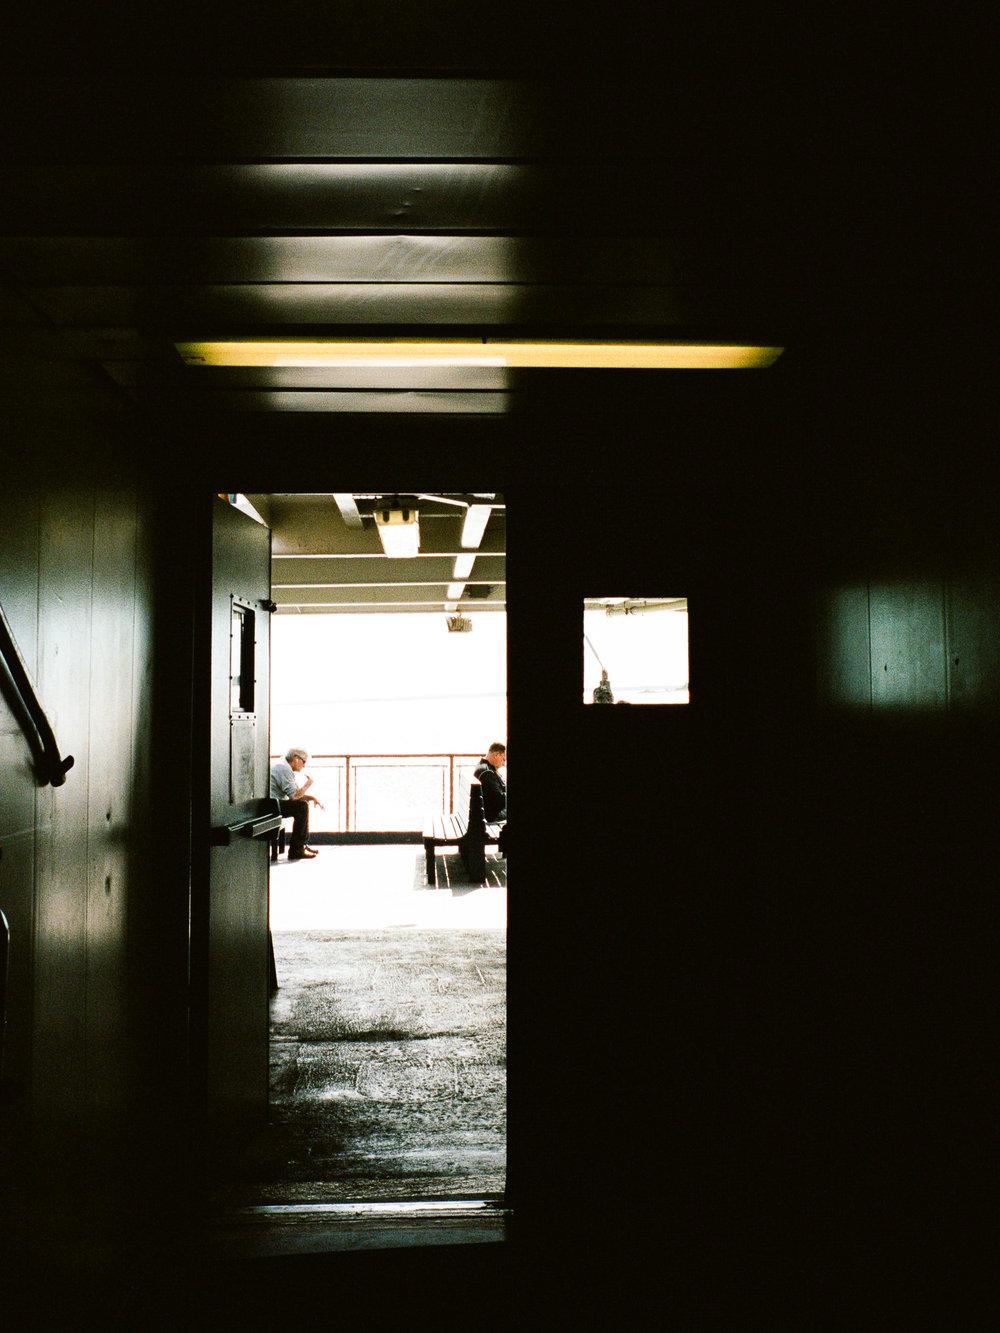 LeicaM6_Portra400-563.jpg